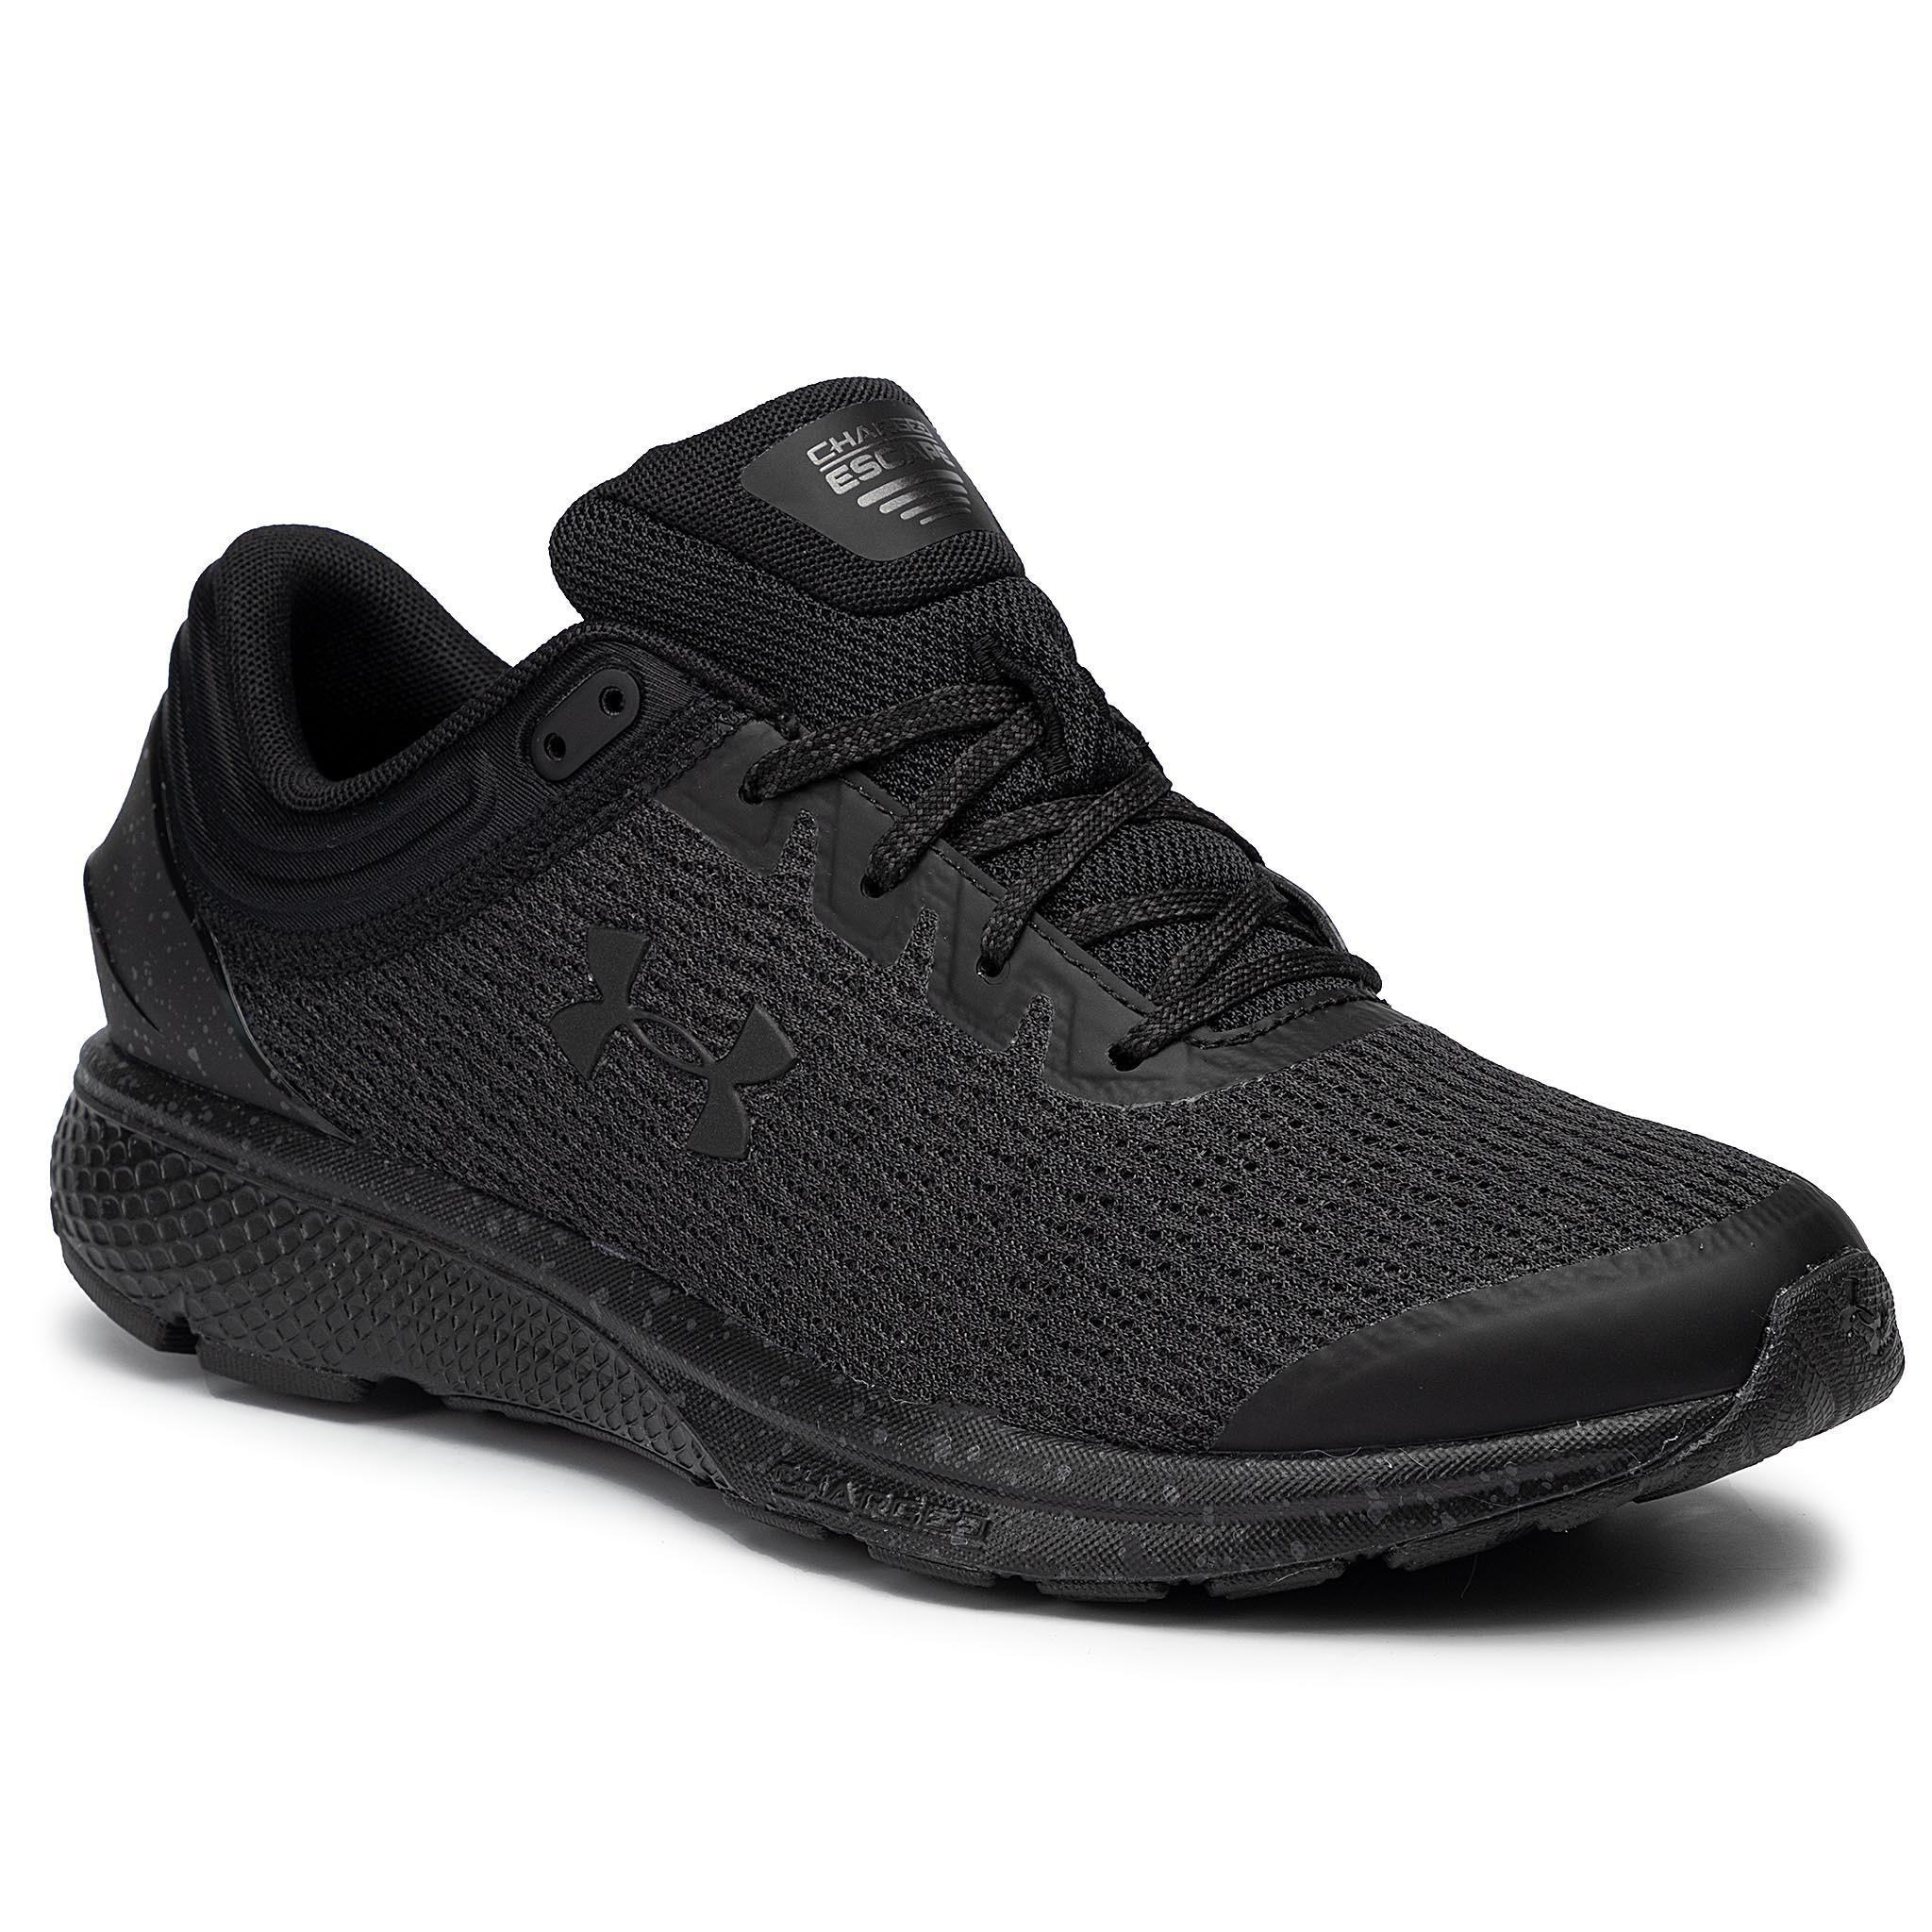 Pantofi UNDER ARMOUR - Ua Charged Escape 3 3021949-002 Blk